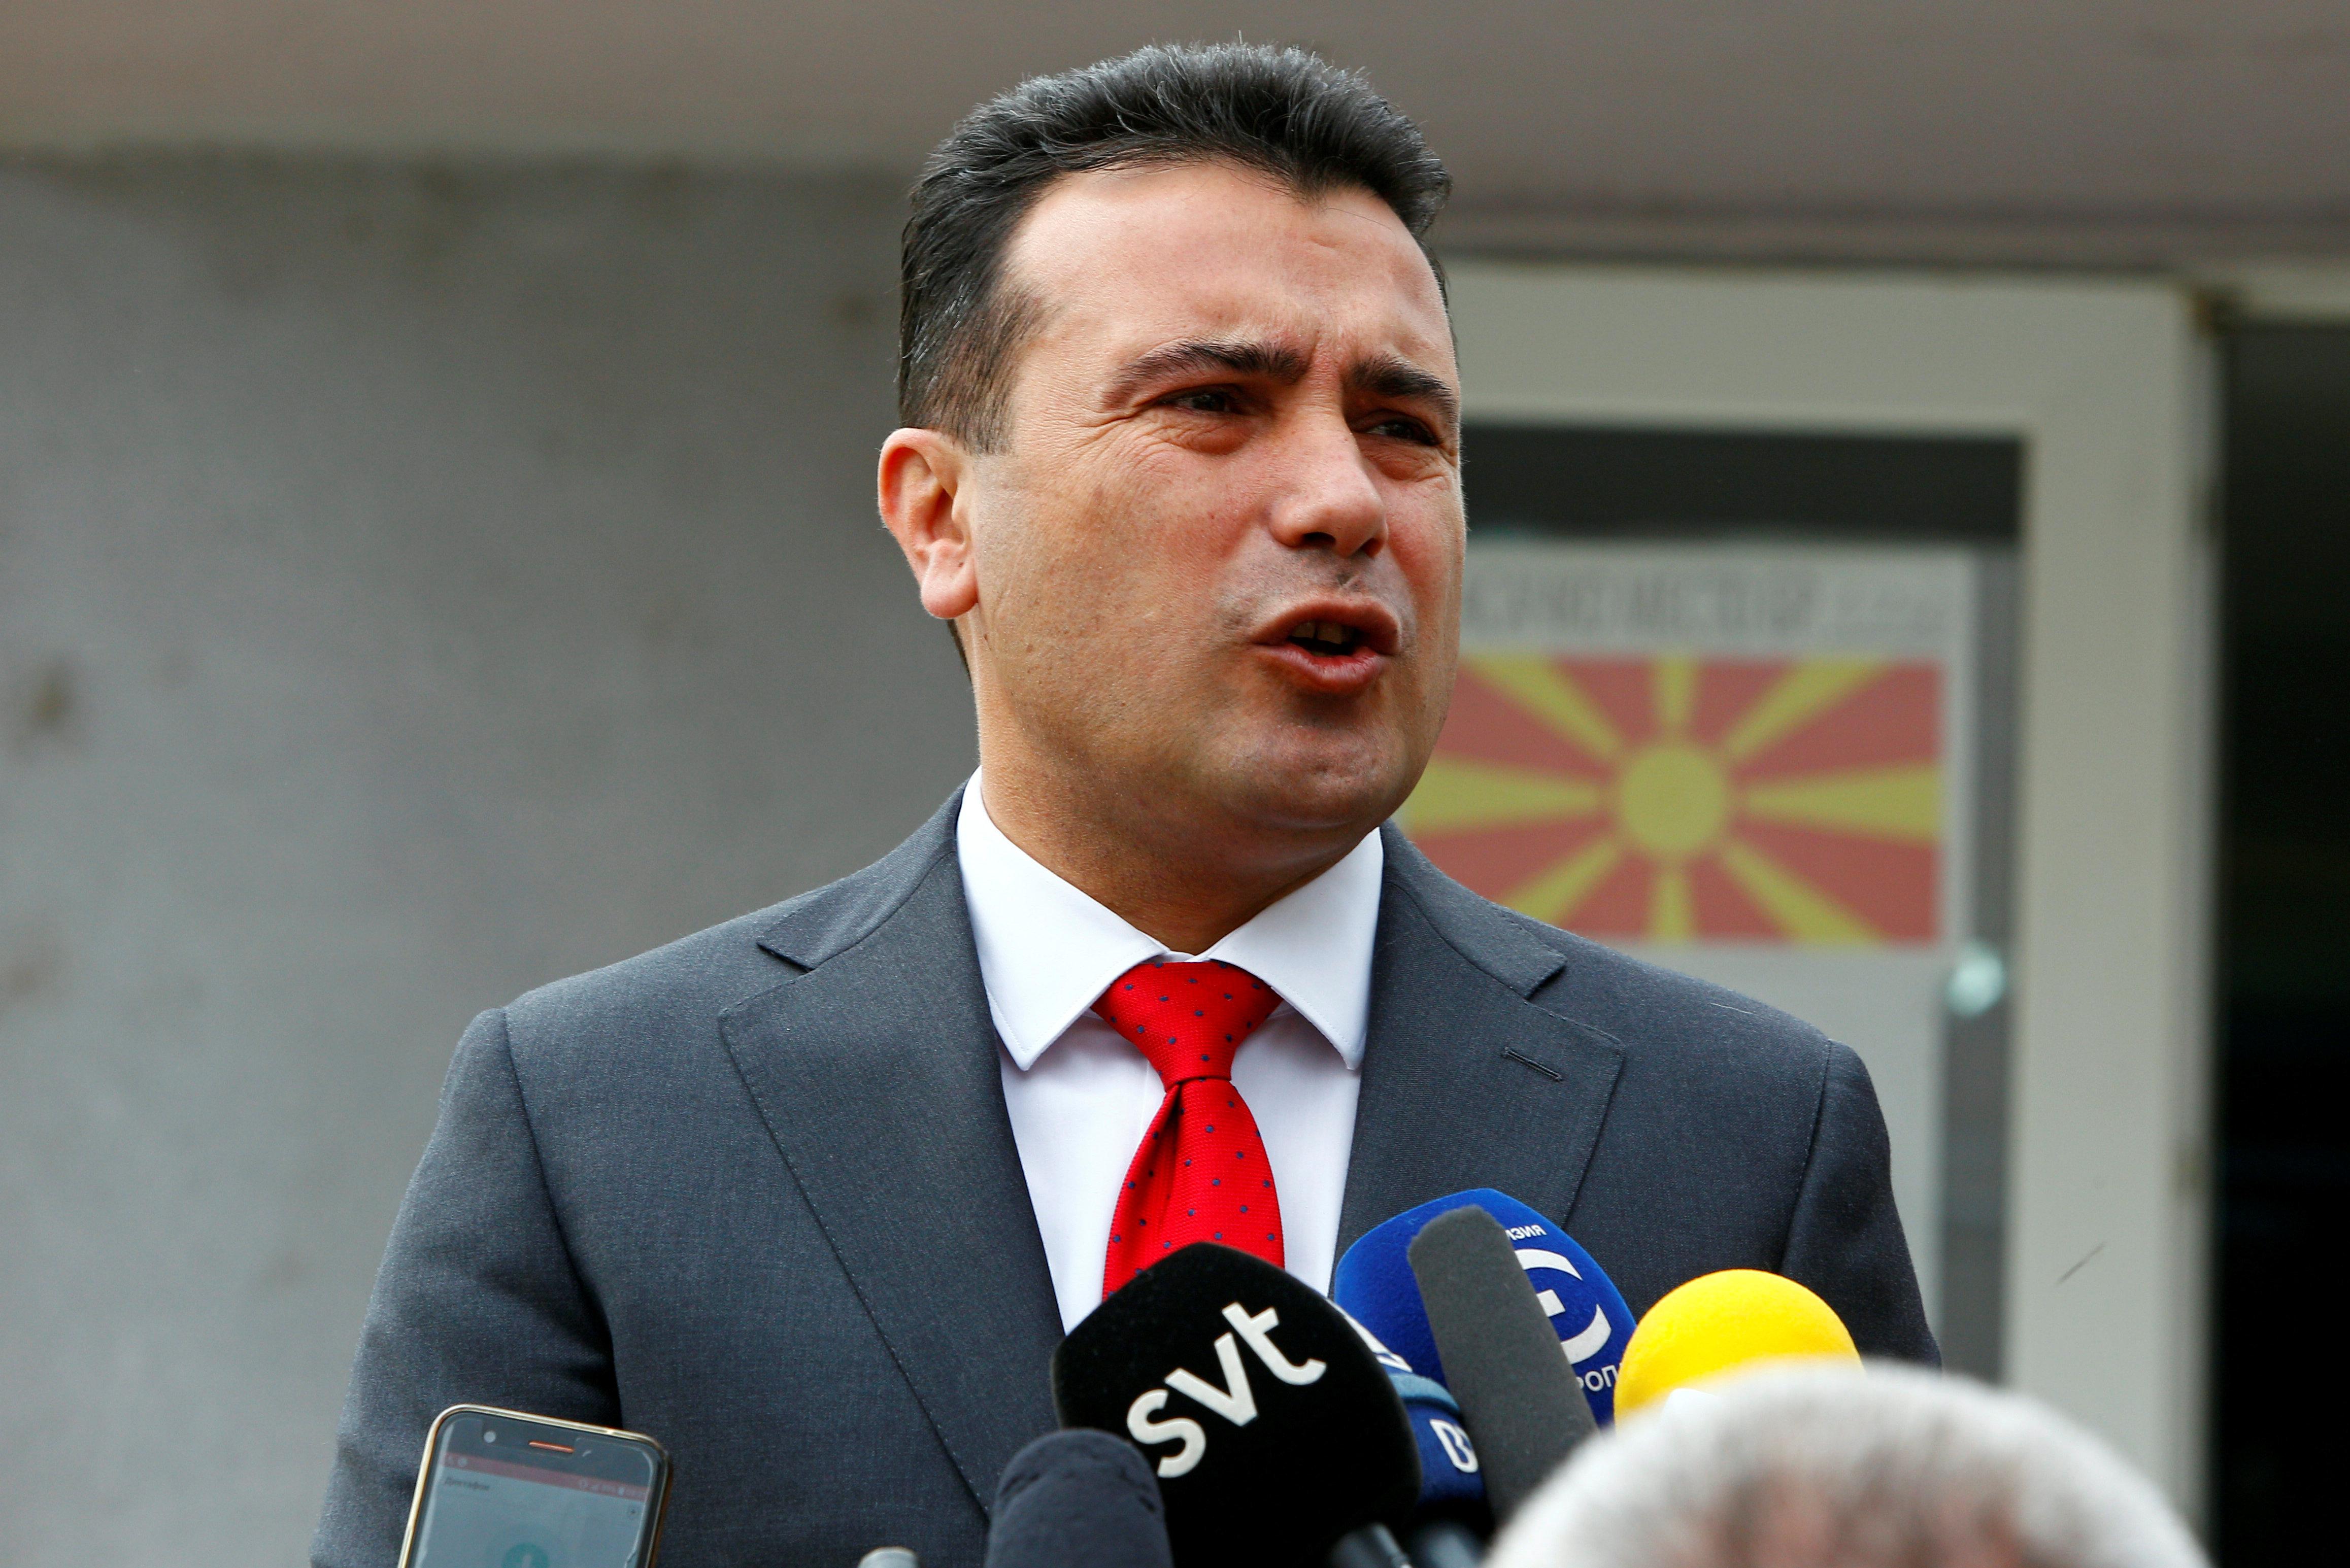 Ο Ζάεφ επιμένει και πάει τη Συμφωνία των Πρεσπών στη Βουλή: Οι αποφάσεις λαμβάνονται από αυτούς που